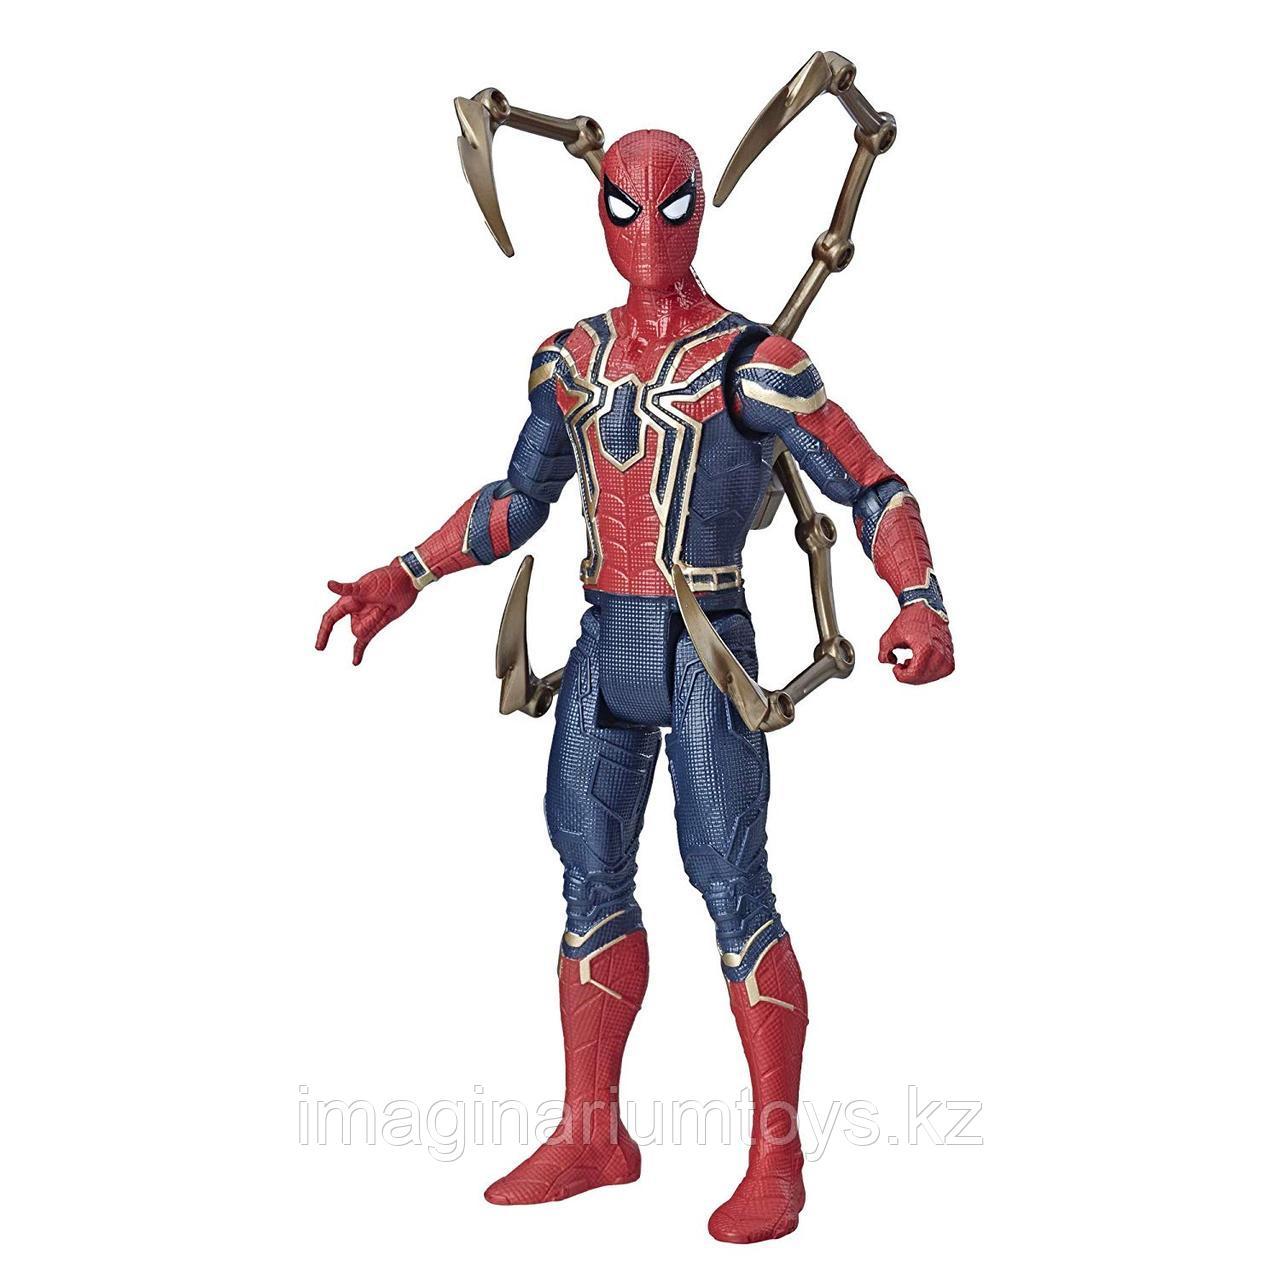 Фигурка Человек-паук Spiderman 15 см